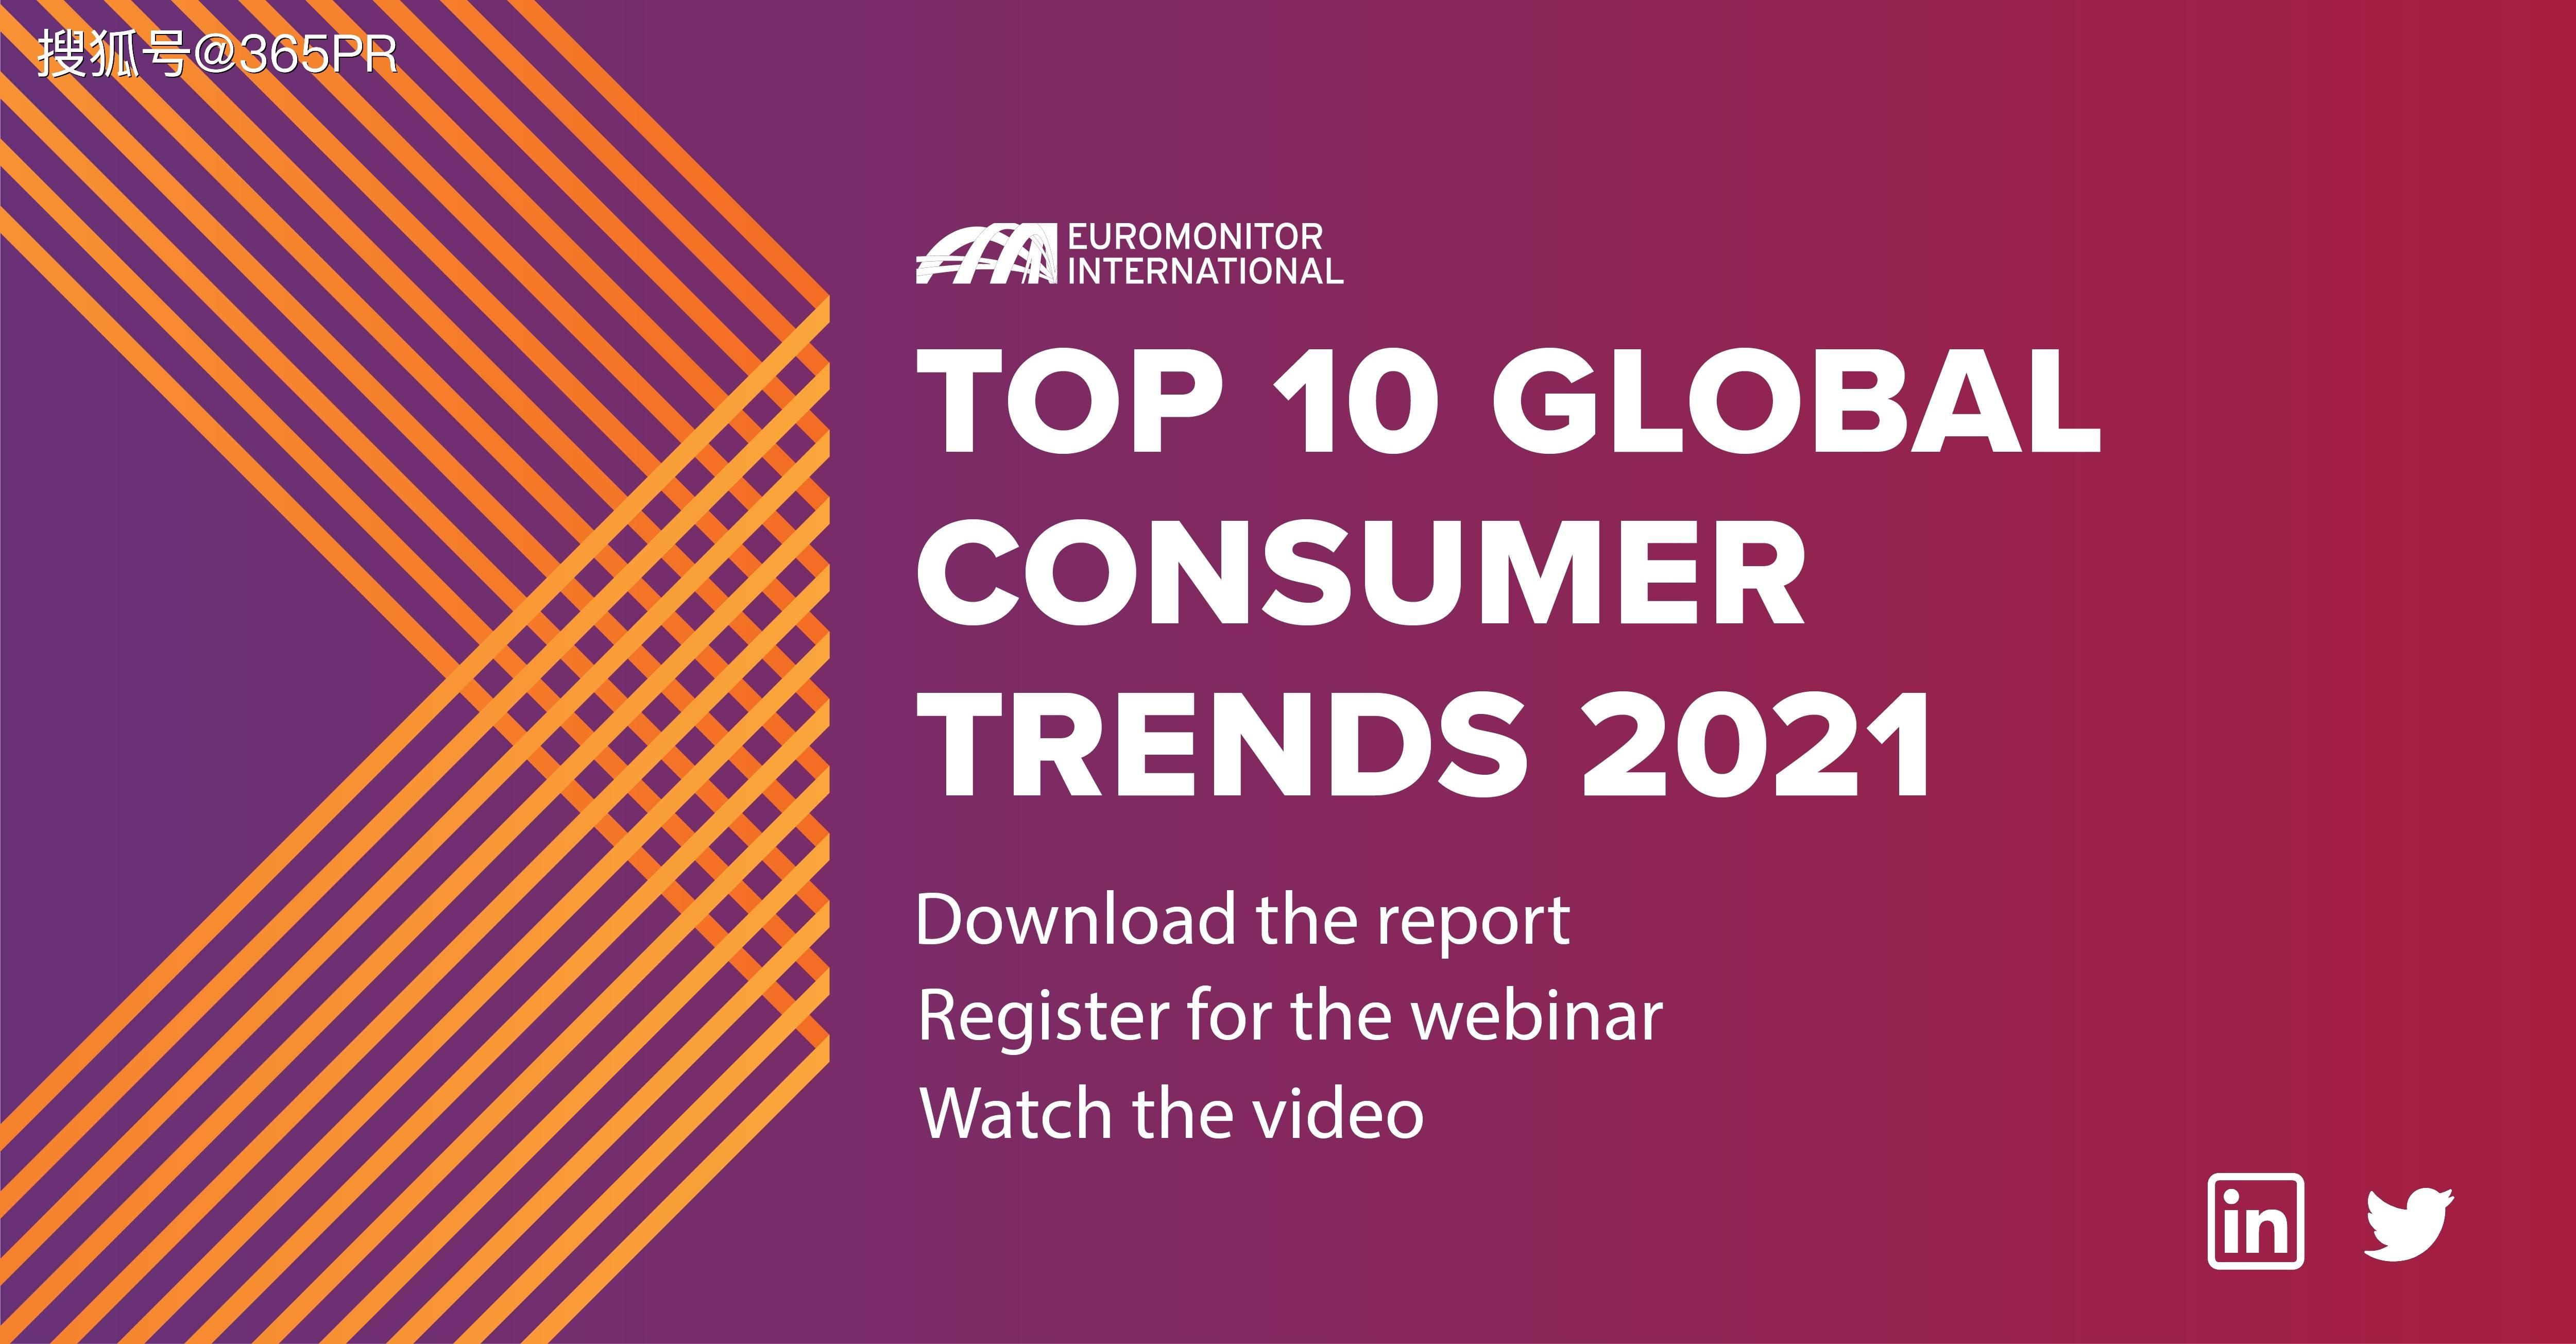 2021年,全球消费者更加关注家居重建和可持续发展